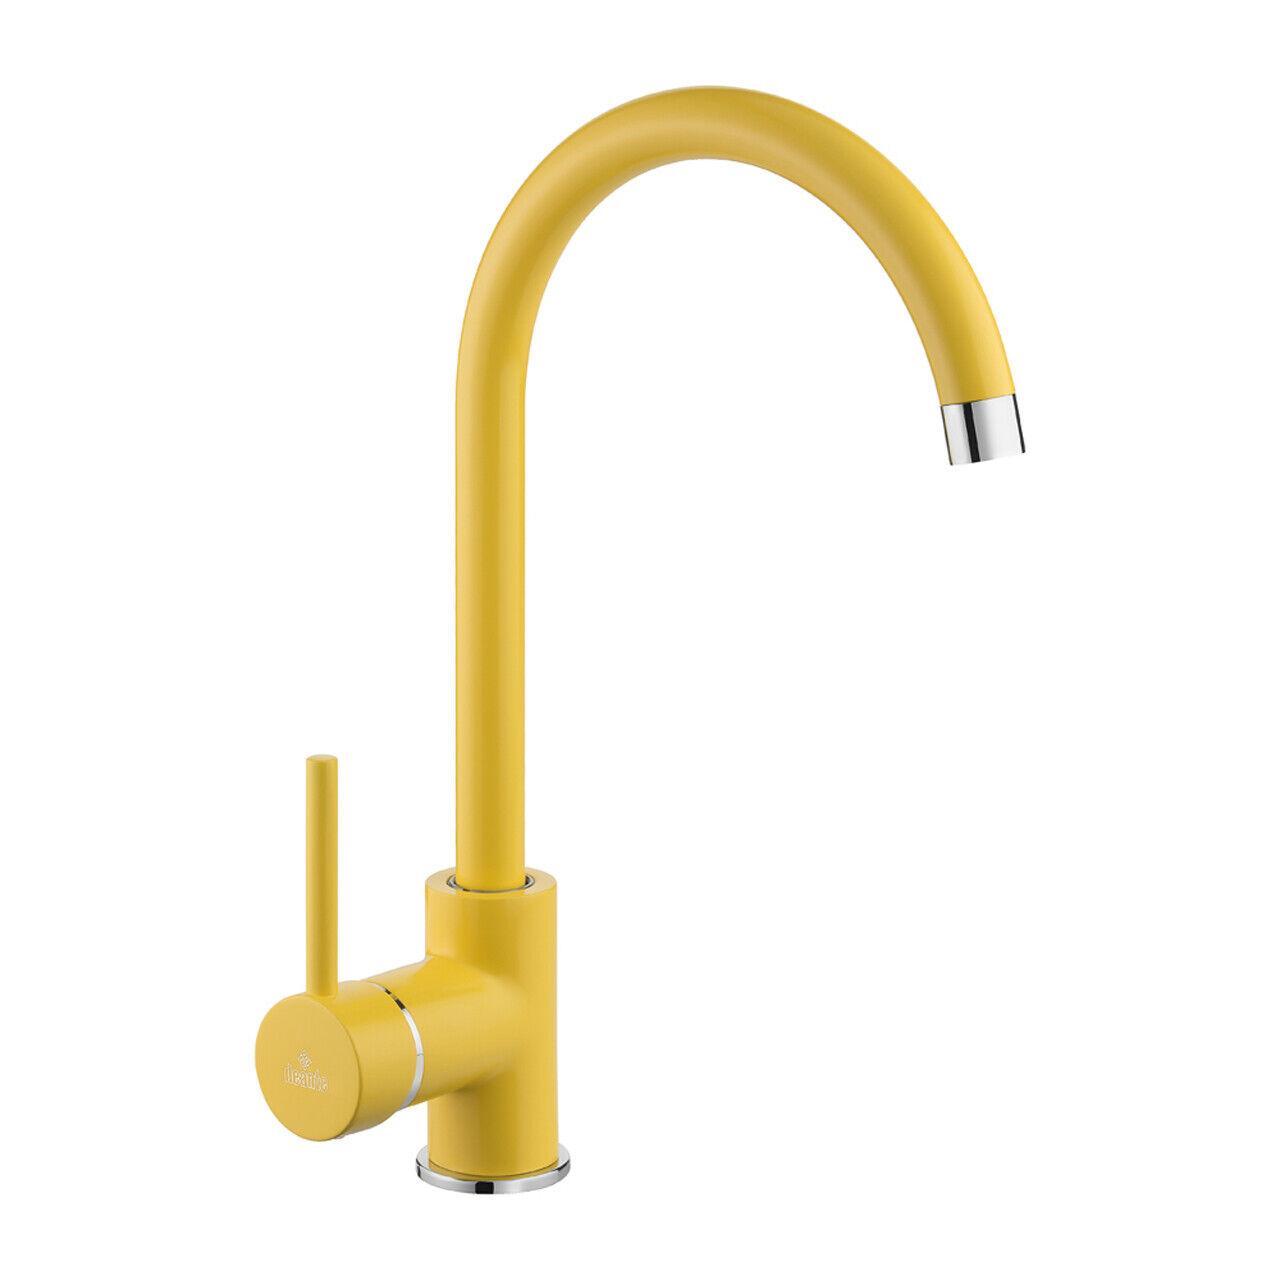 Gelbe Schwenkbare Küchenarmatur Küchen Wasserhahn Spültischarmatur von DEANTE